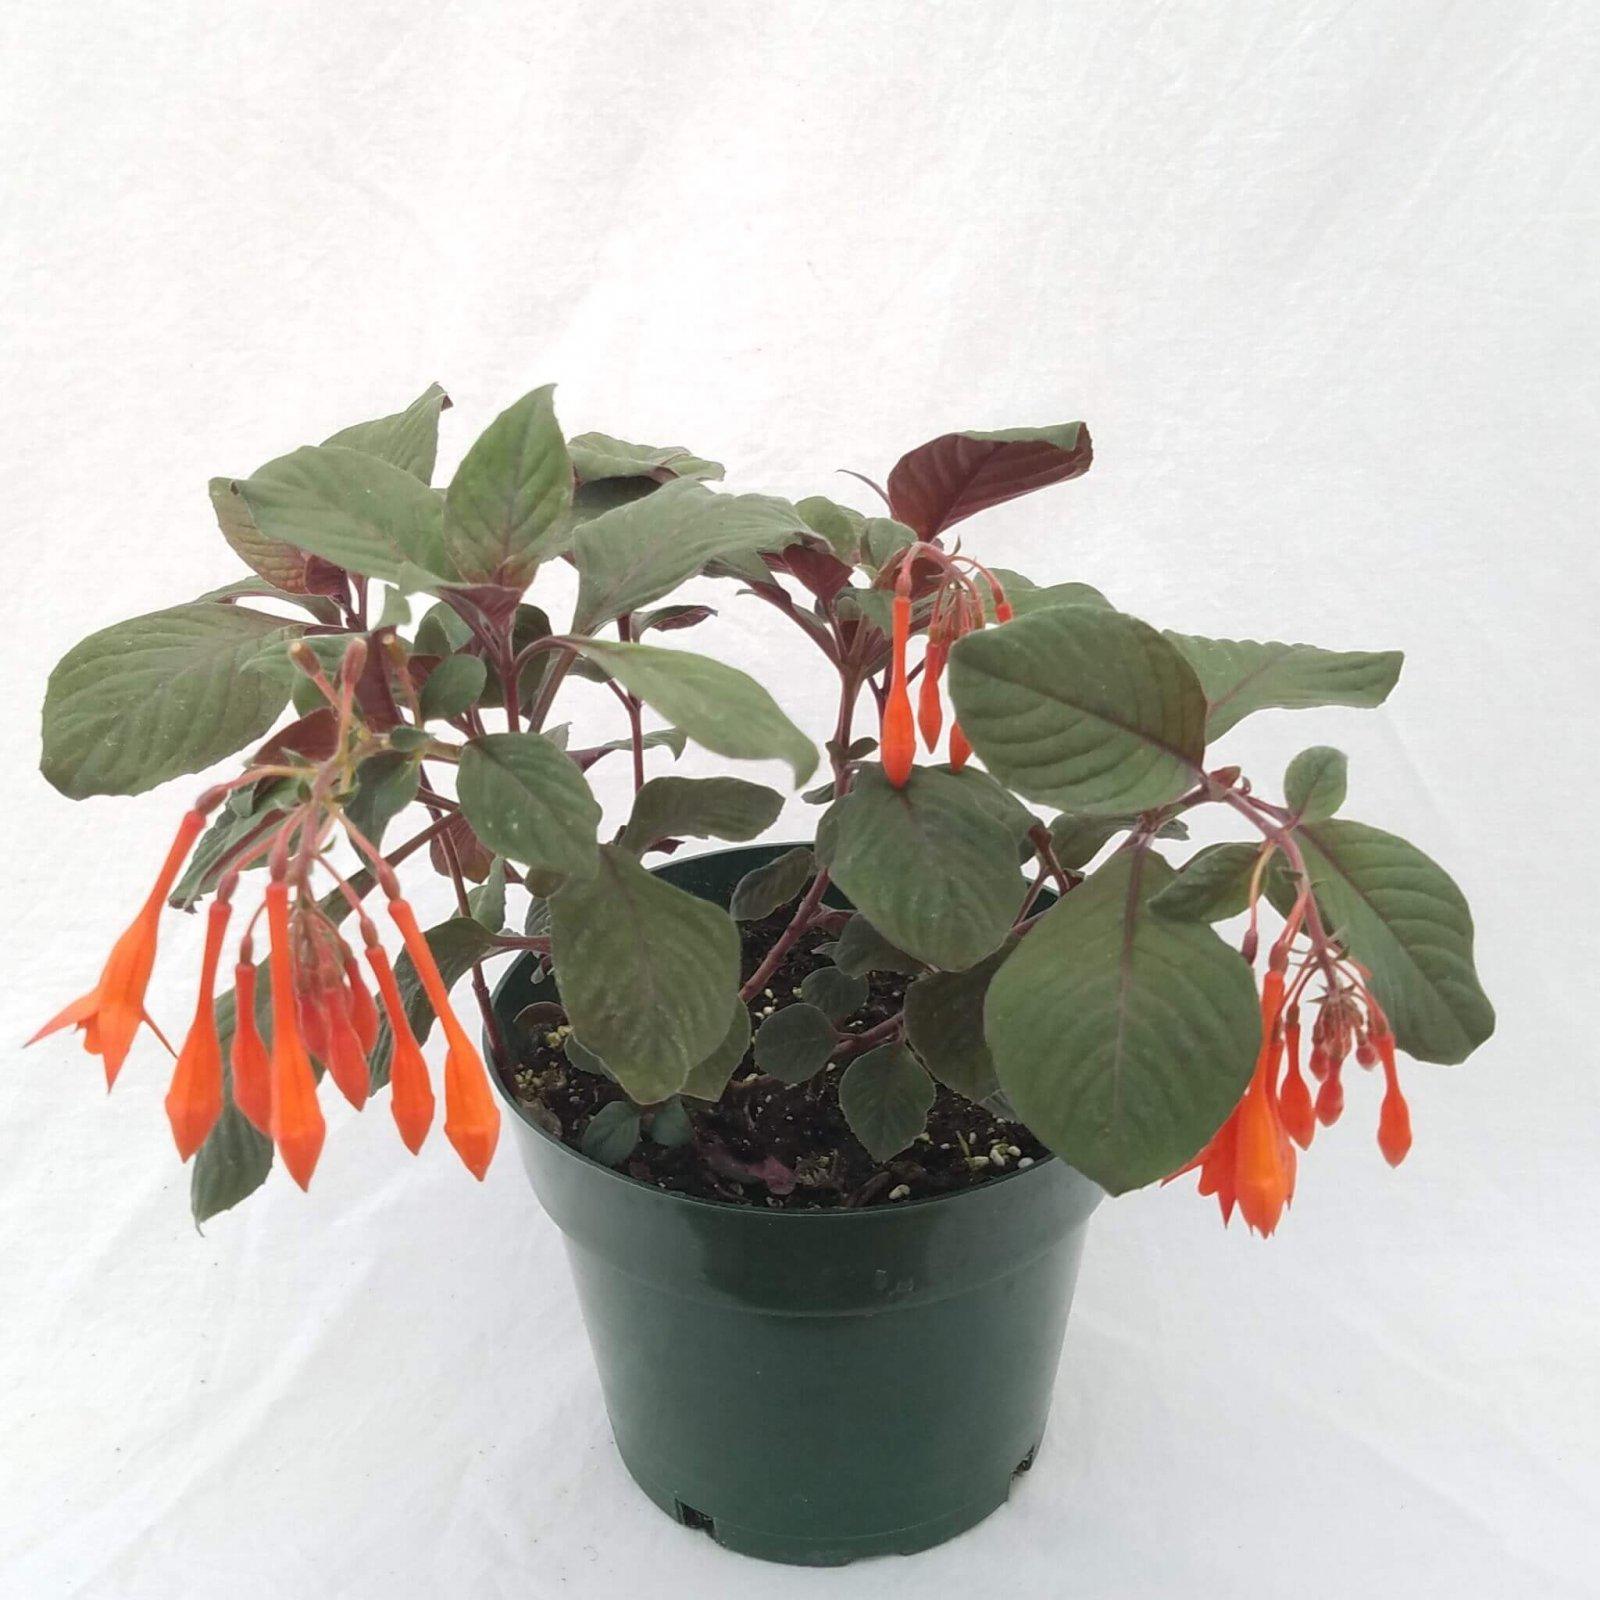 Fuchsia 'Gartenmeister' - 6 1/2